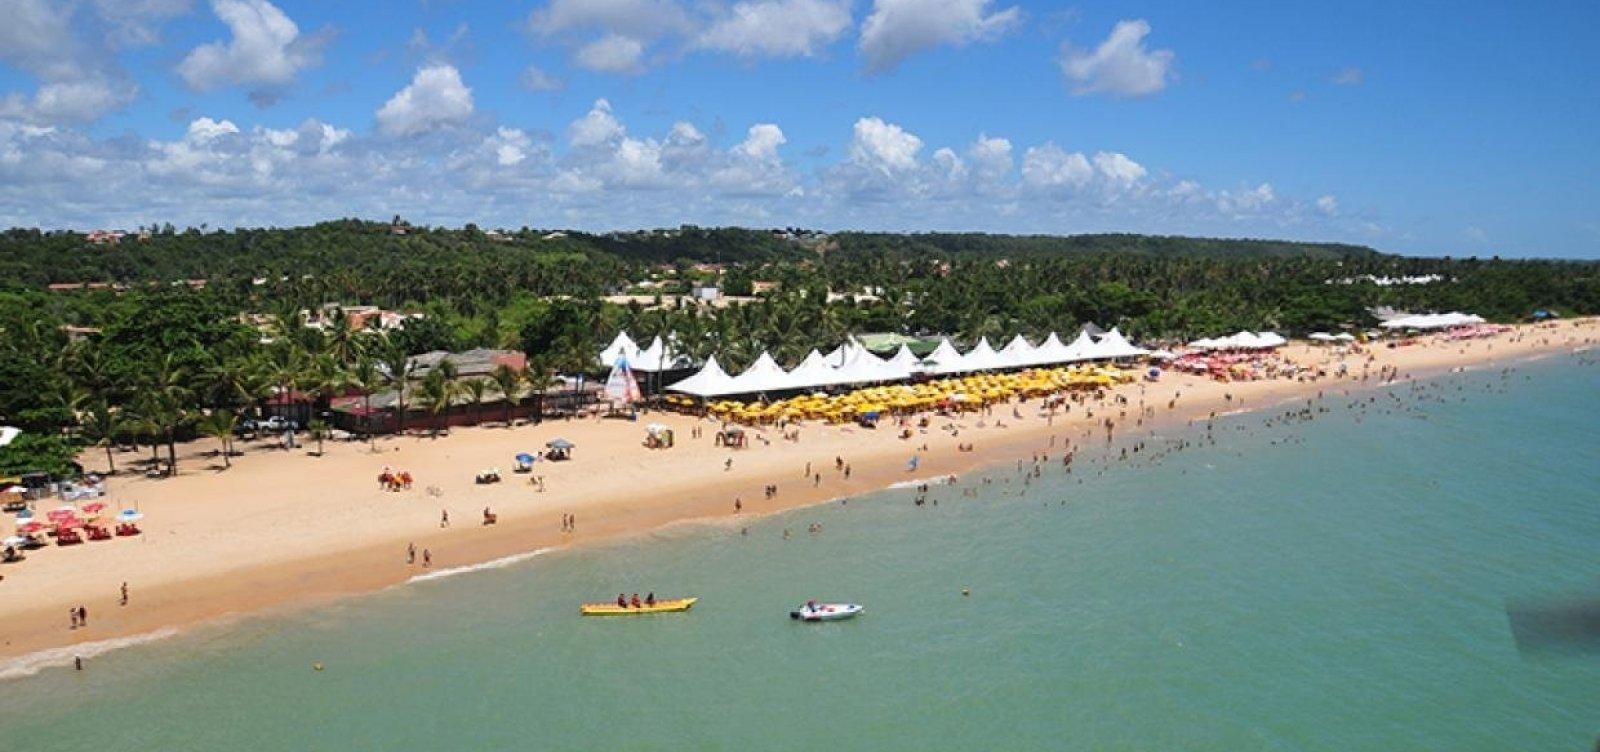 [Porto Seguro autoriza acesso a praias e abertura de hotéis, bares e restaurantes a partir de julho]